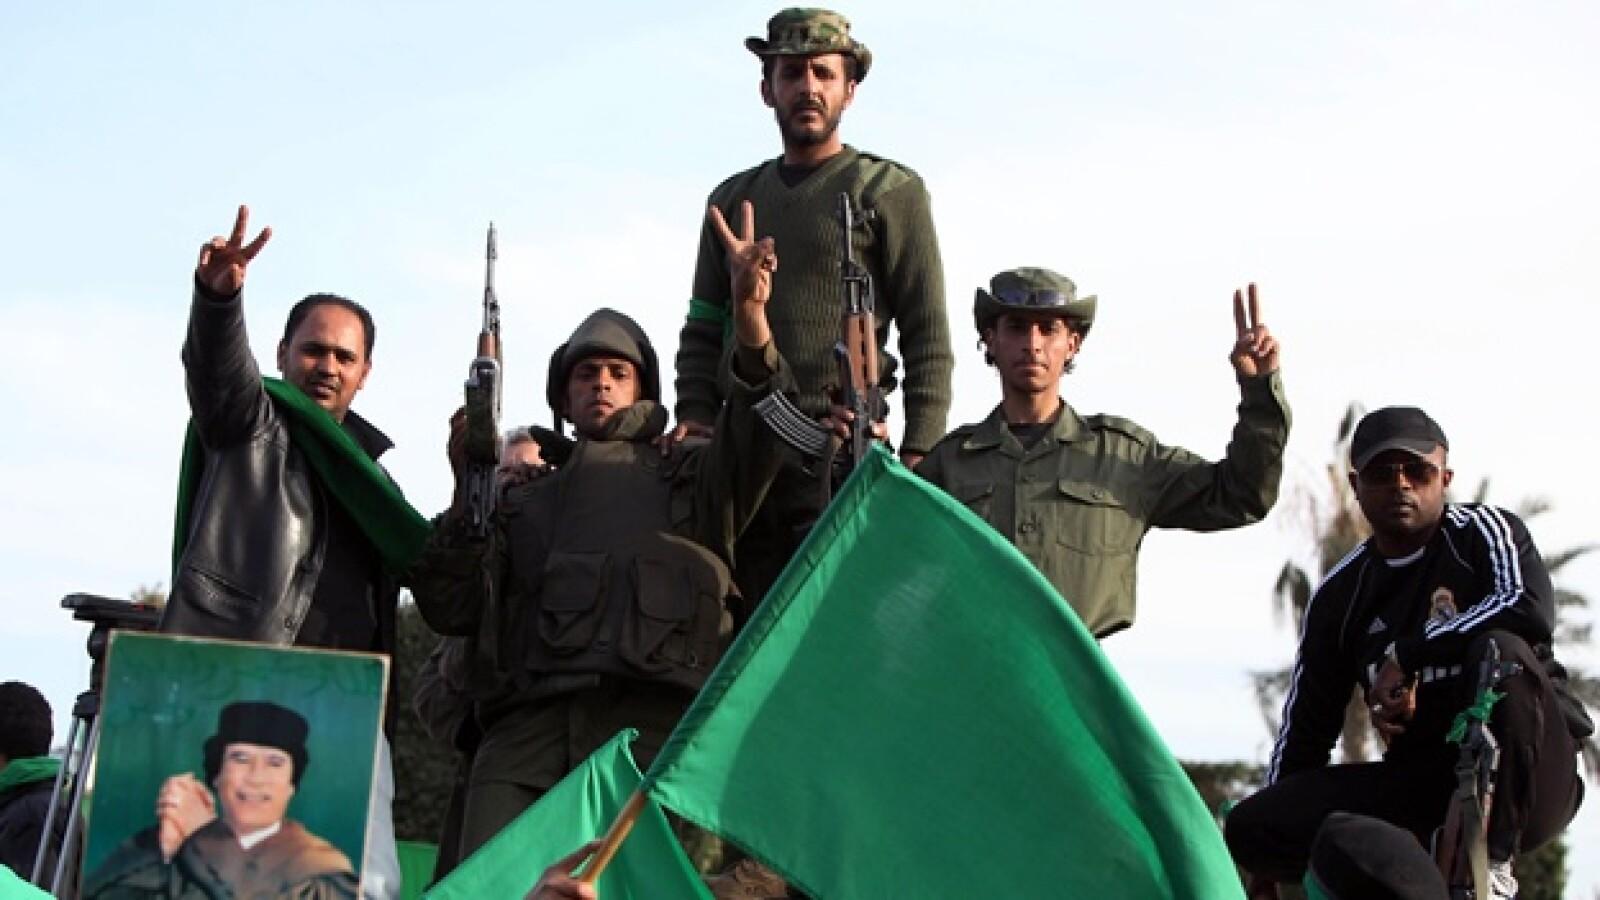 Libia - partidarios de Gadhafi